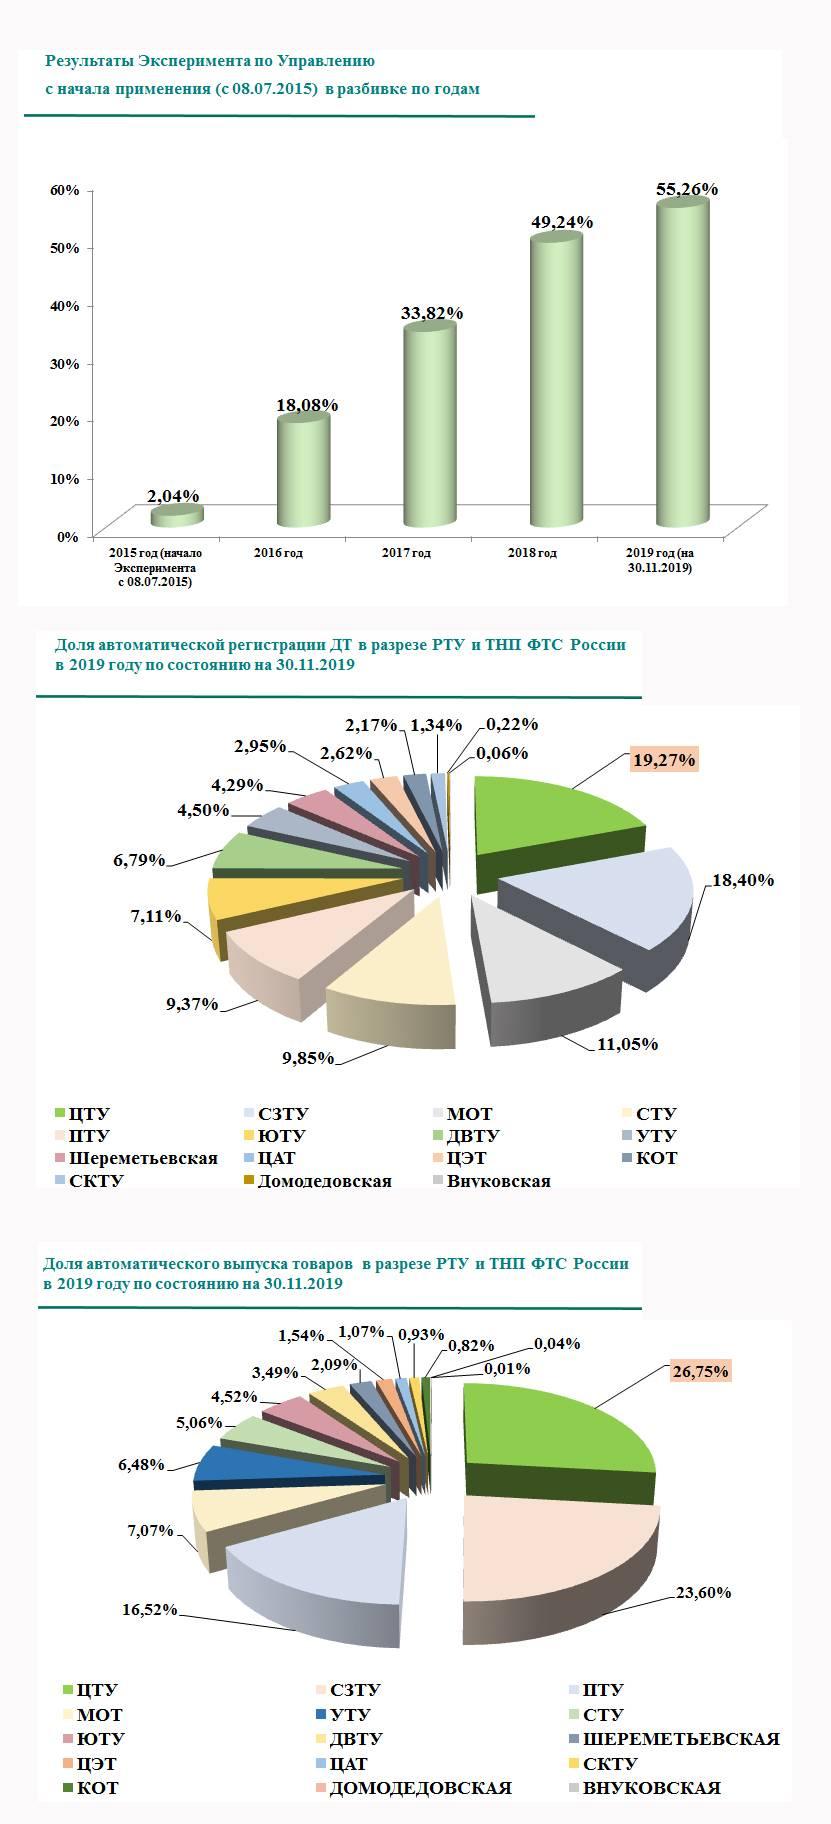 На Консультативном совете ЦТУ обсудили перспективы создания ЦЭТ